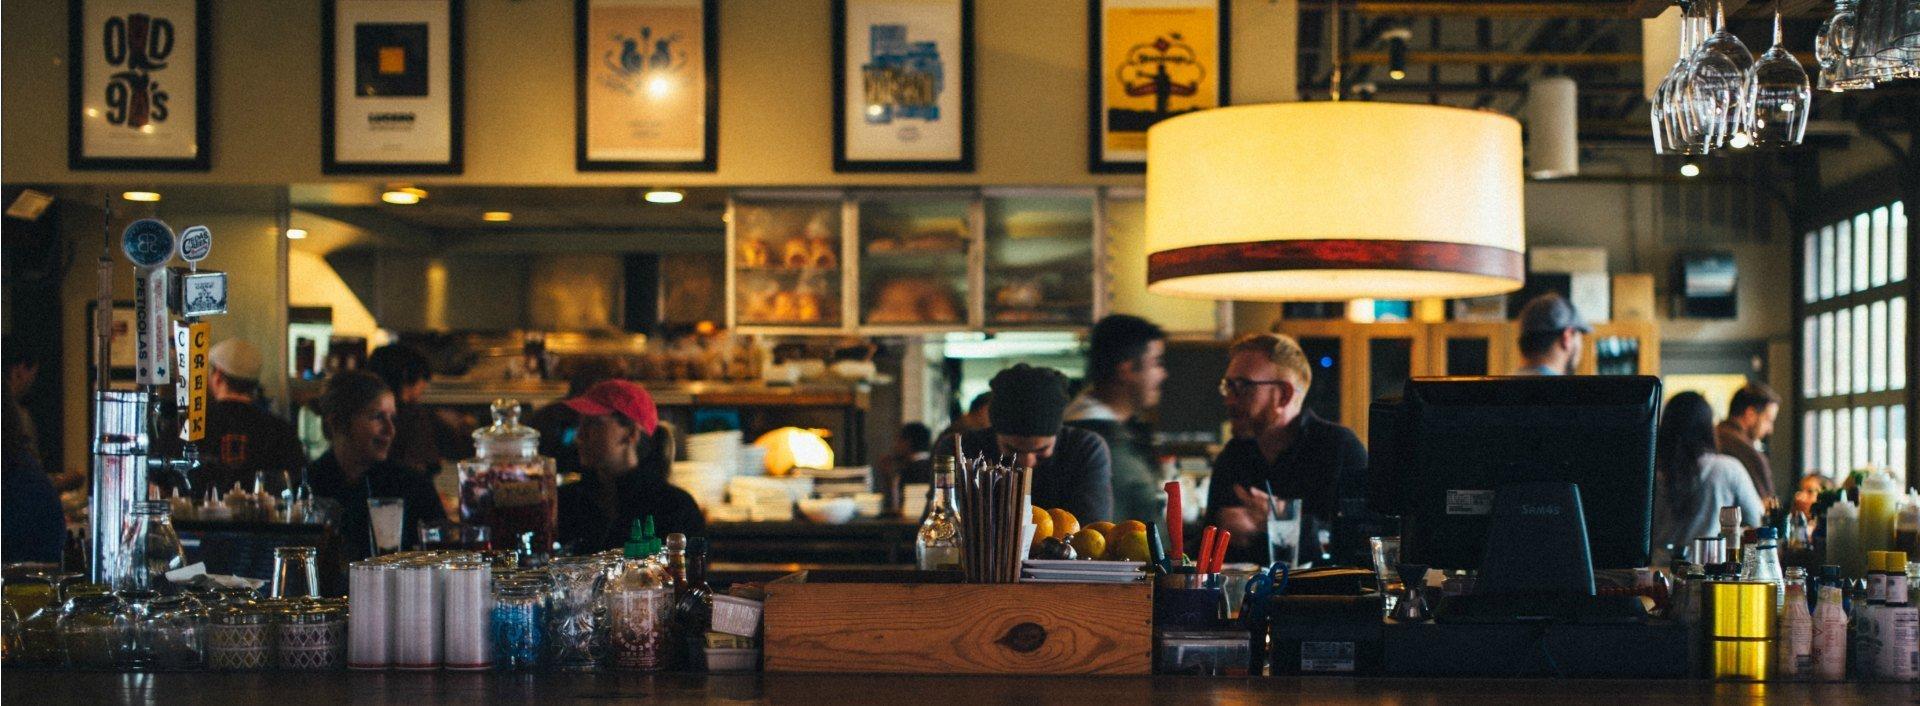 Restaurantformulierungen: Verwenden Sie diese sieben, wenn Sie in ein Restaurant gehen, um mit Freunden zu essen.